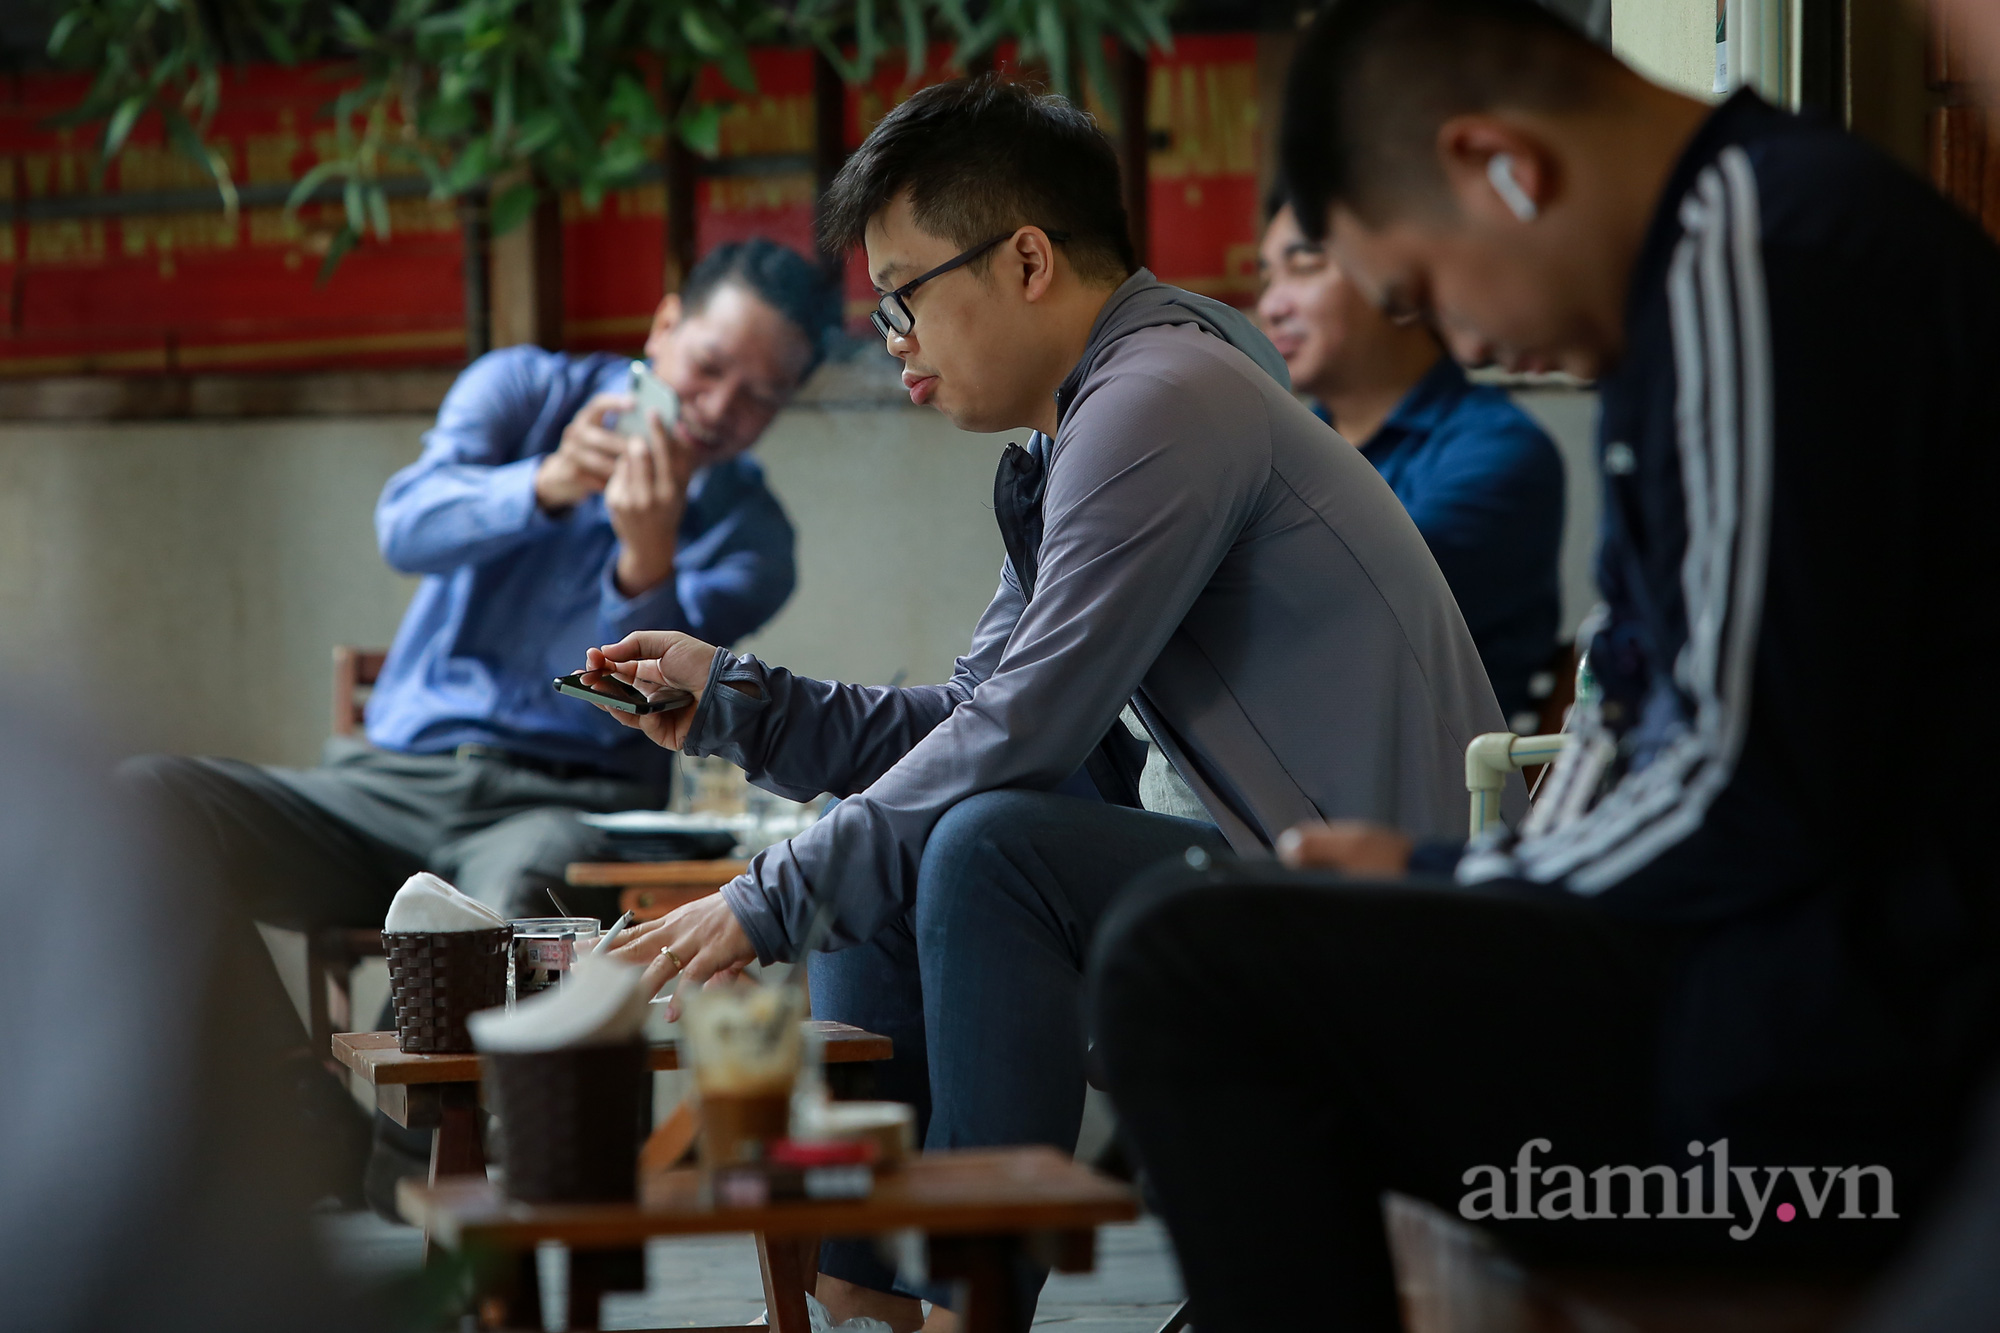 Người Hà Nội hồ hởi dậy sớm đi ăn sáng, cafe khi hàng ăn, uống được mở bán tại chỗ - Ảnh 13.